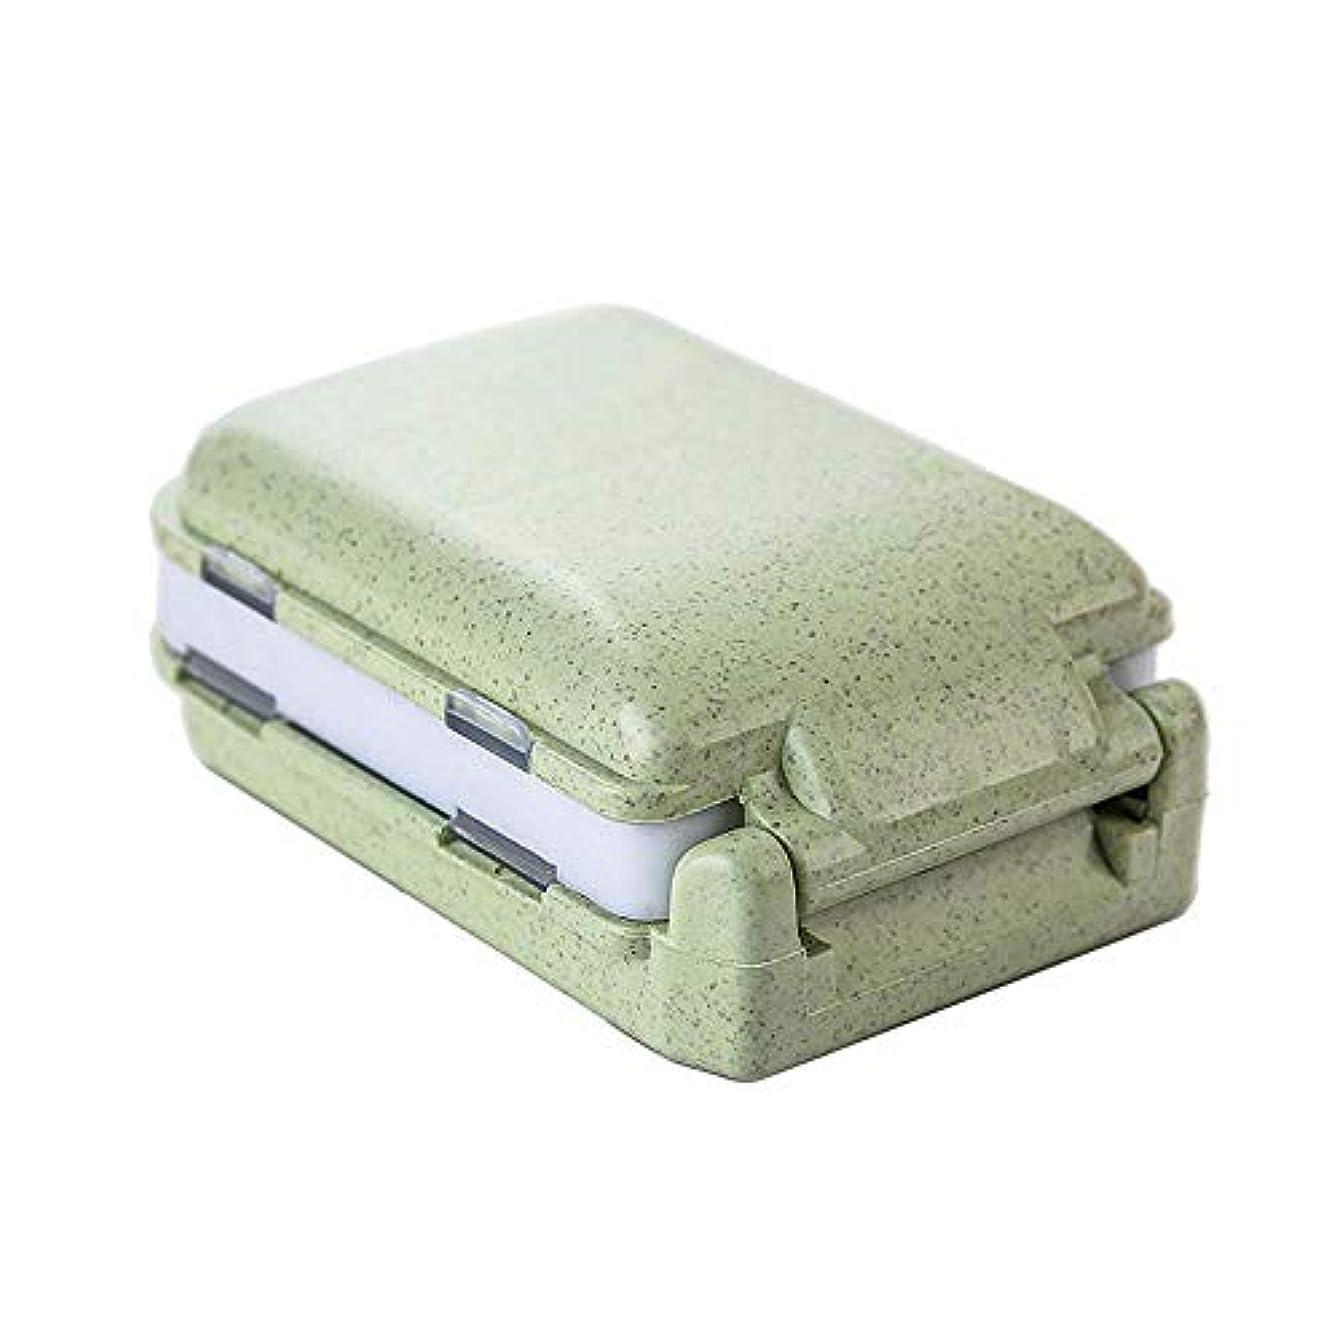 配管工ますます低下KOBWAミニ薬箱 携帯用薬ケース 薬入れ ピルケース サプリメントケース 小物入れ 錠剤パック 習慣薬箱 旅行用 家庭用 薬の飲み忘れ防止